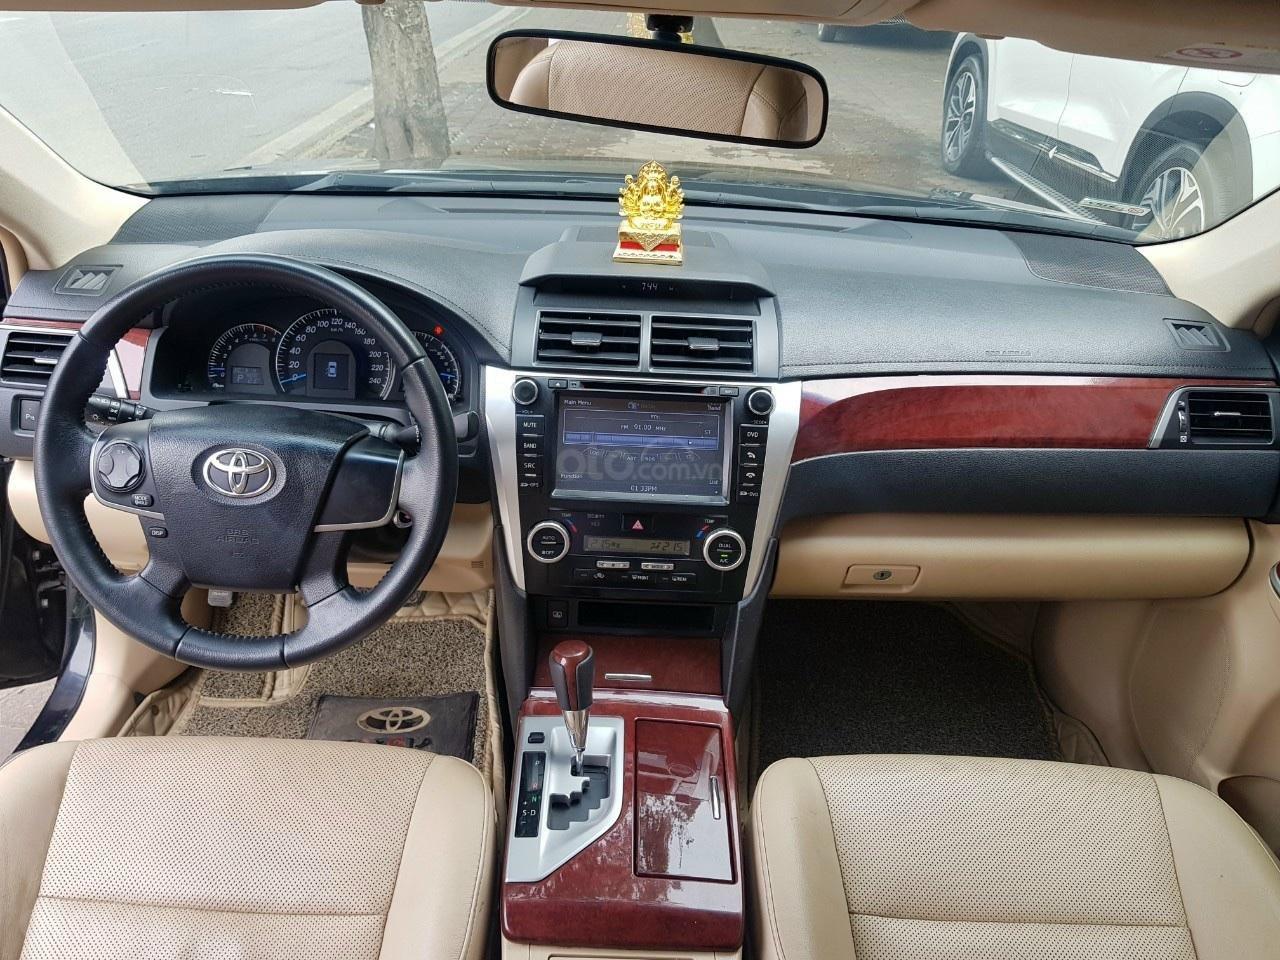 Bán Toyota Camry 2.5G màu đen sản xuất 2014 xe TNCC, nội ngoại thất đẹp (8)